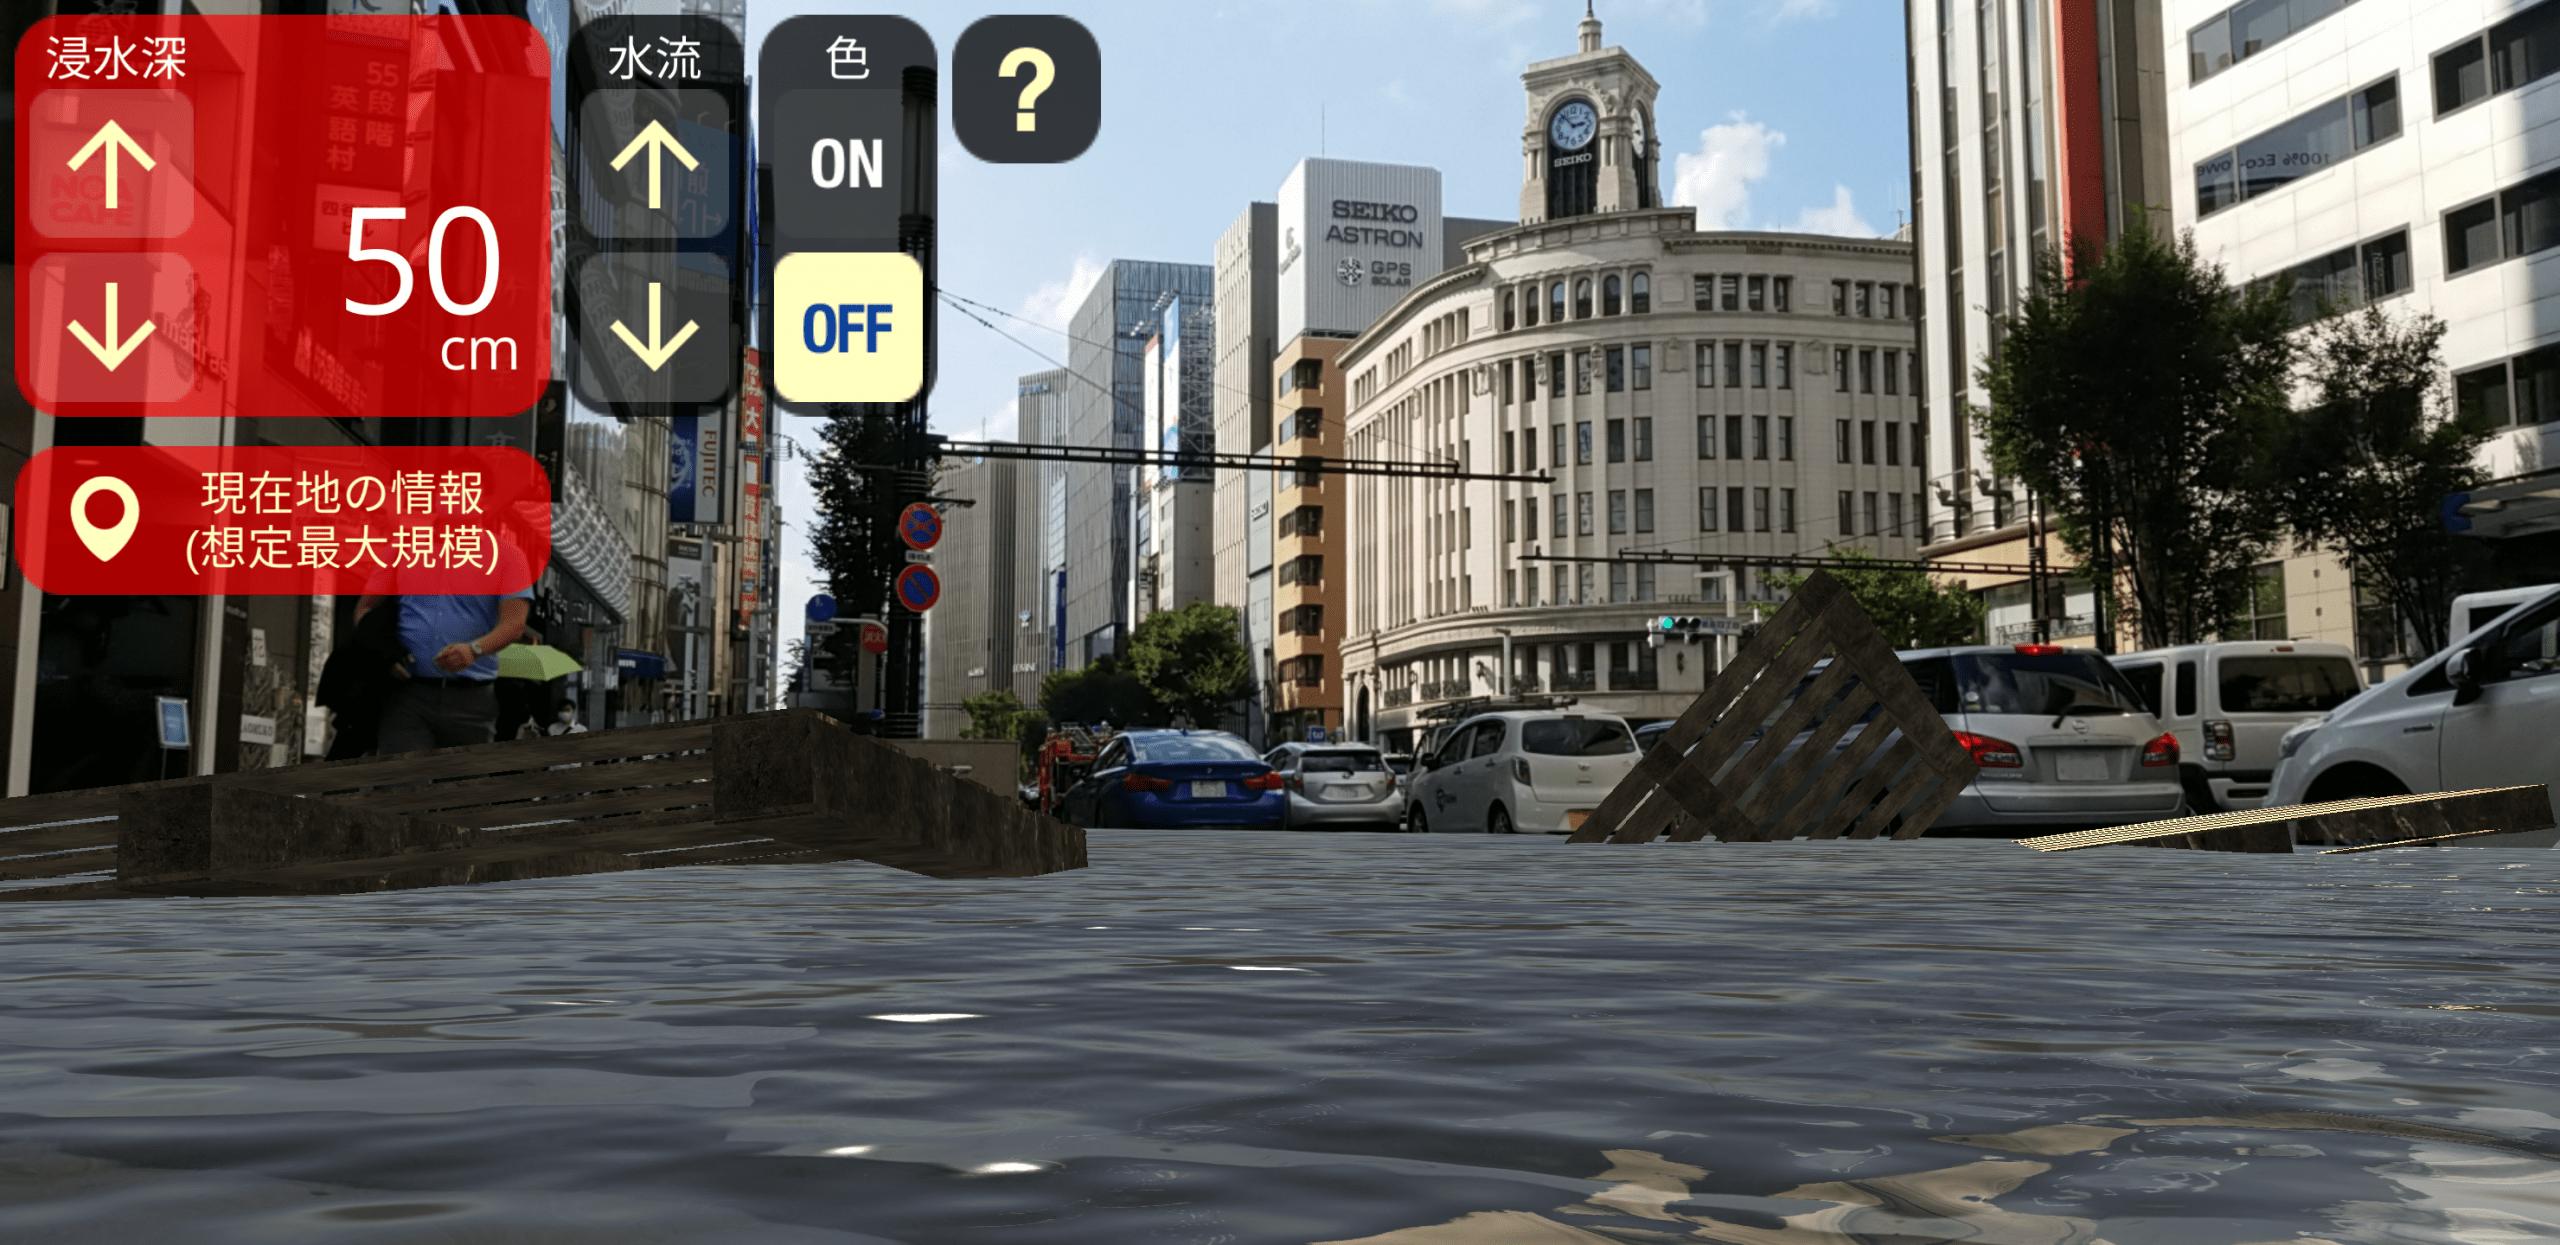 銀座4丁目付近の浸水をシミュレーションした画面